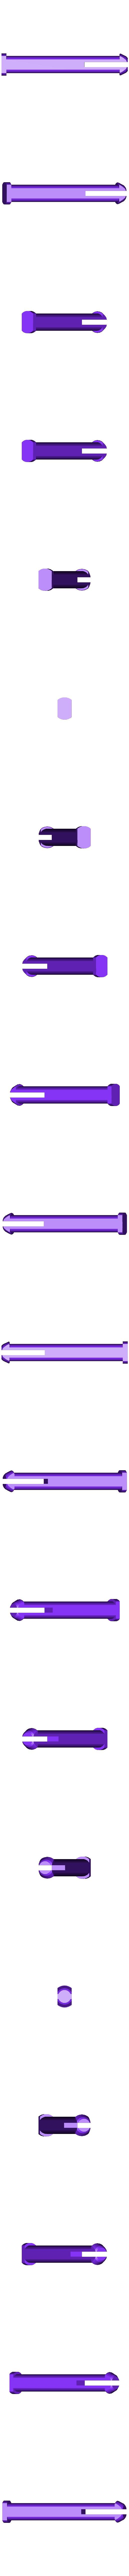 tong_peg.stl Télécharger fichier STL gratuit Pinces • Modèle imprimable en 3D, greenbox6